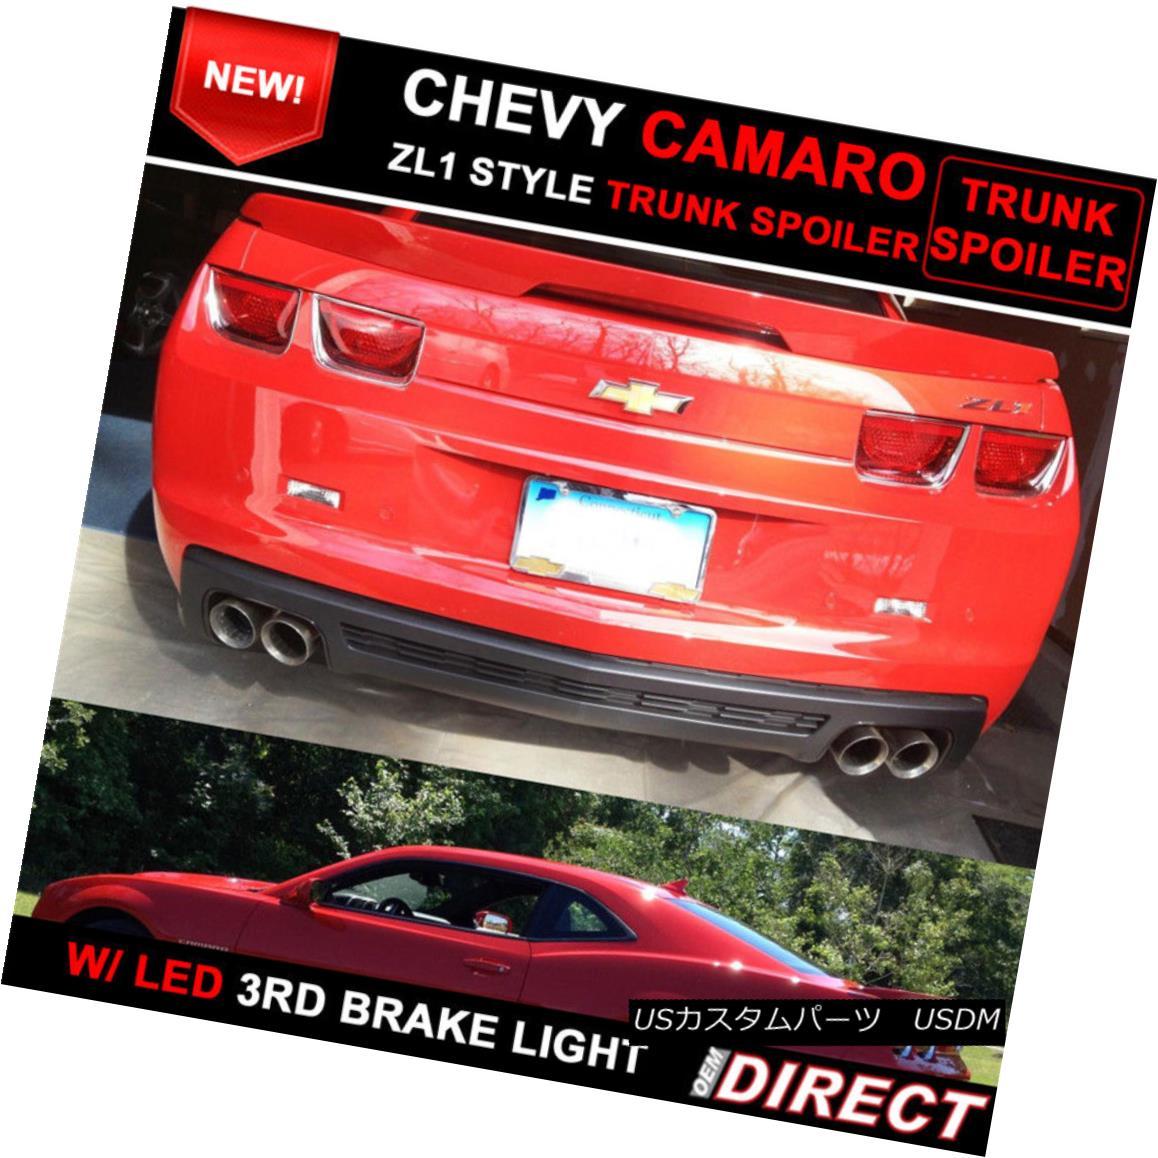 エアロパーツ 10-13 Chevrolet Camaro ZL1 Style Trunk Spoiler Painted Victory Red WA9260 10-13シボレーカマロZL1スタイルトランクスポイラーペインテッドビクトリーレッドWA9260